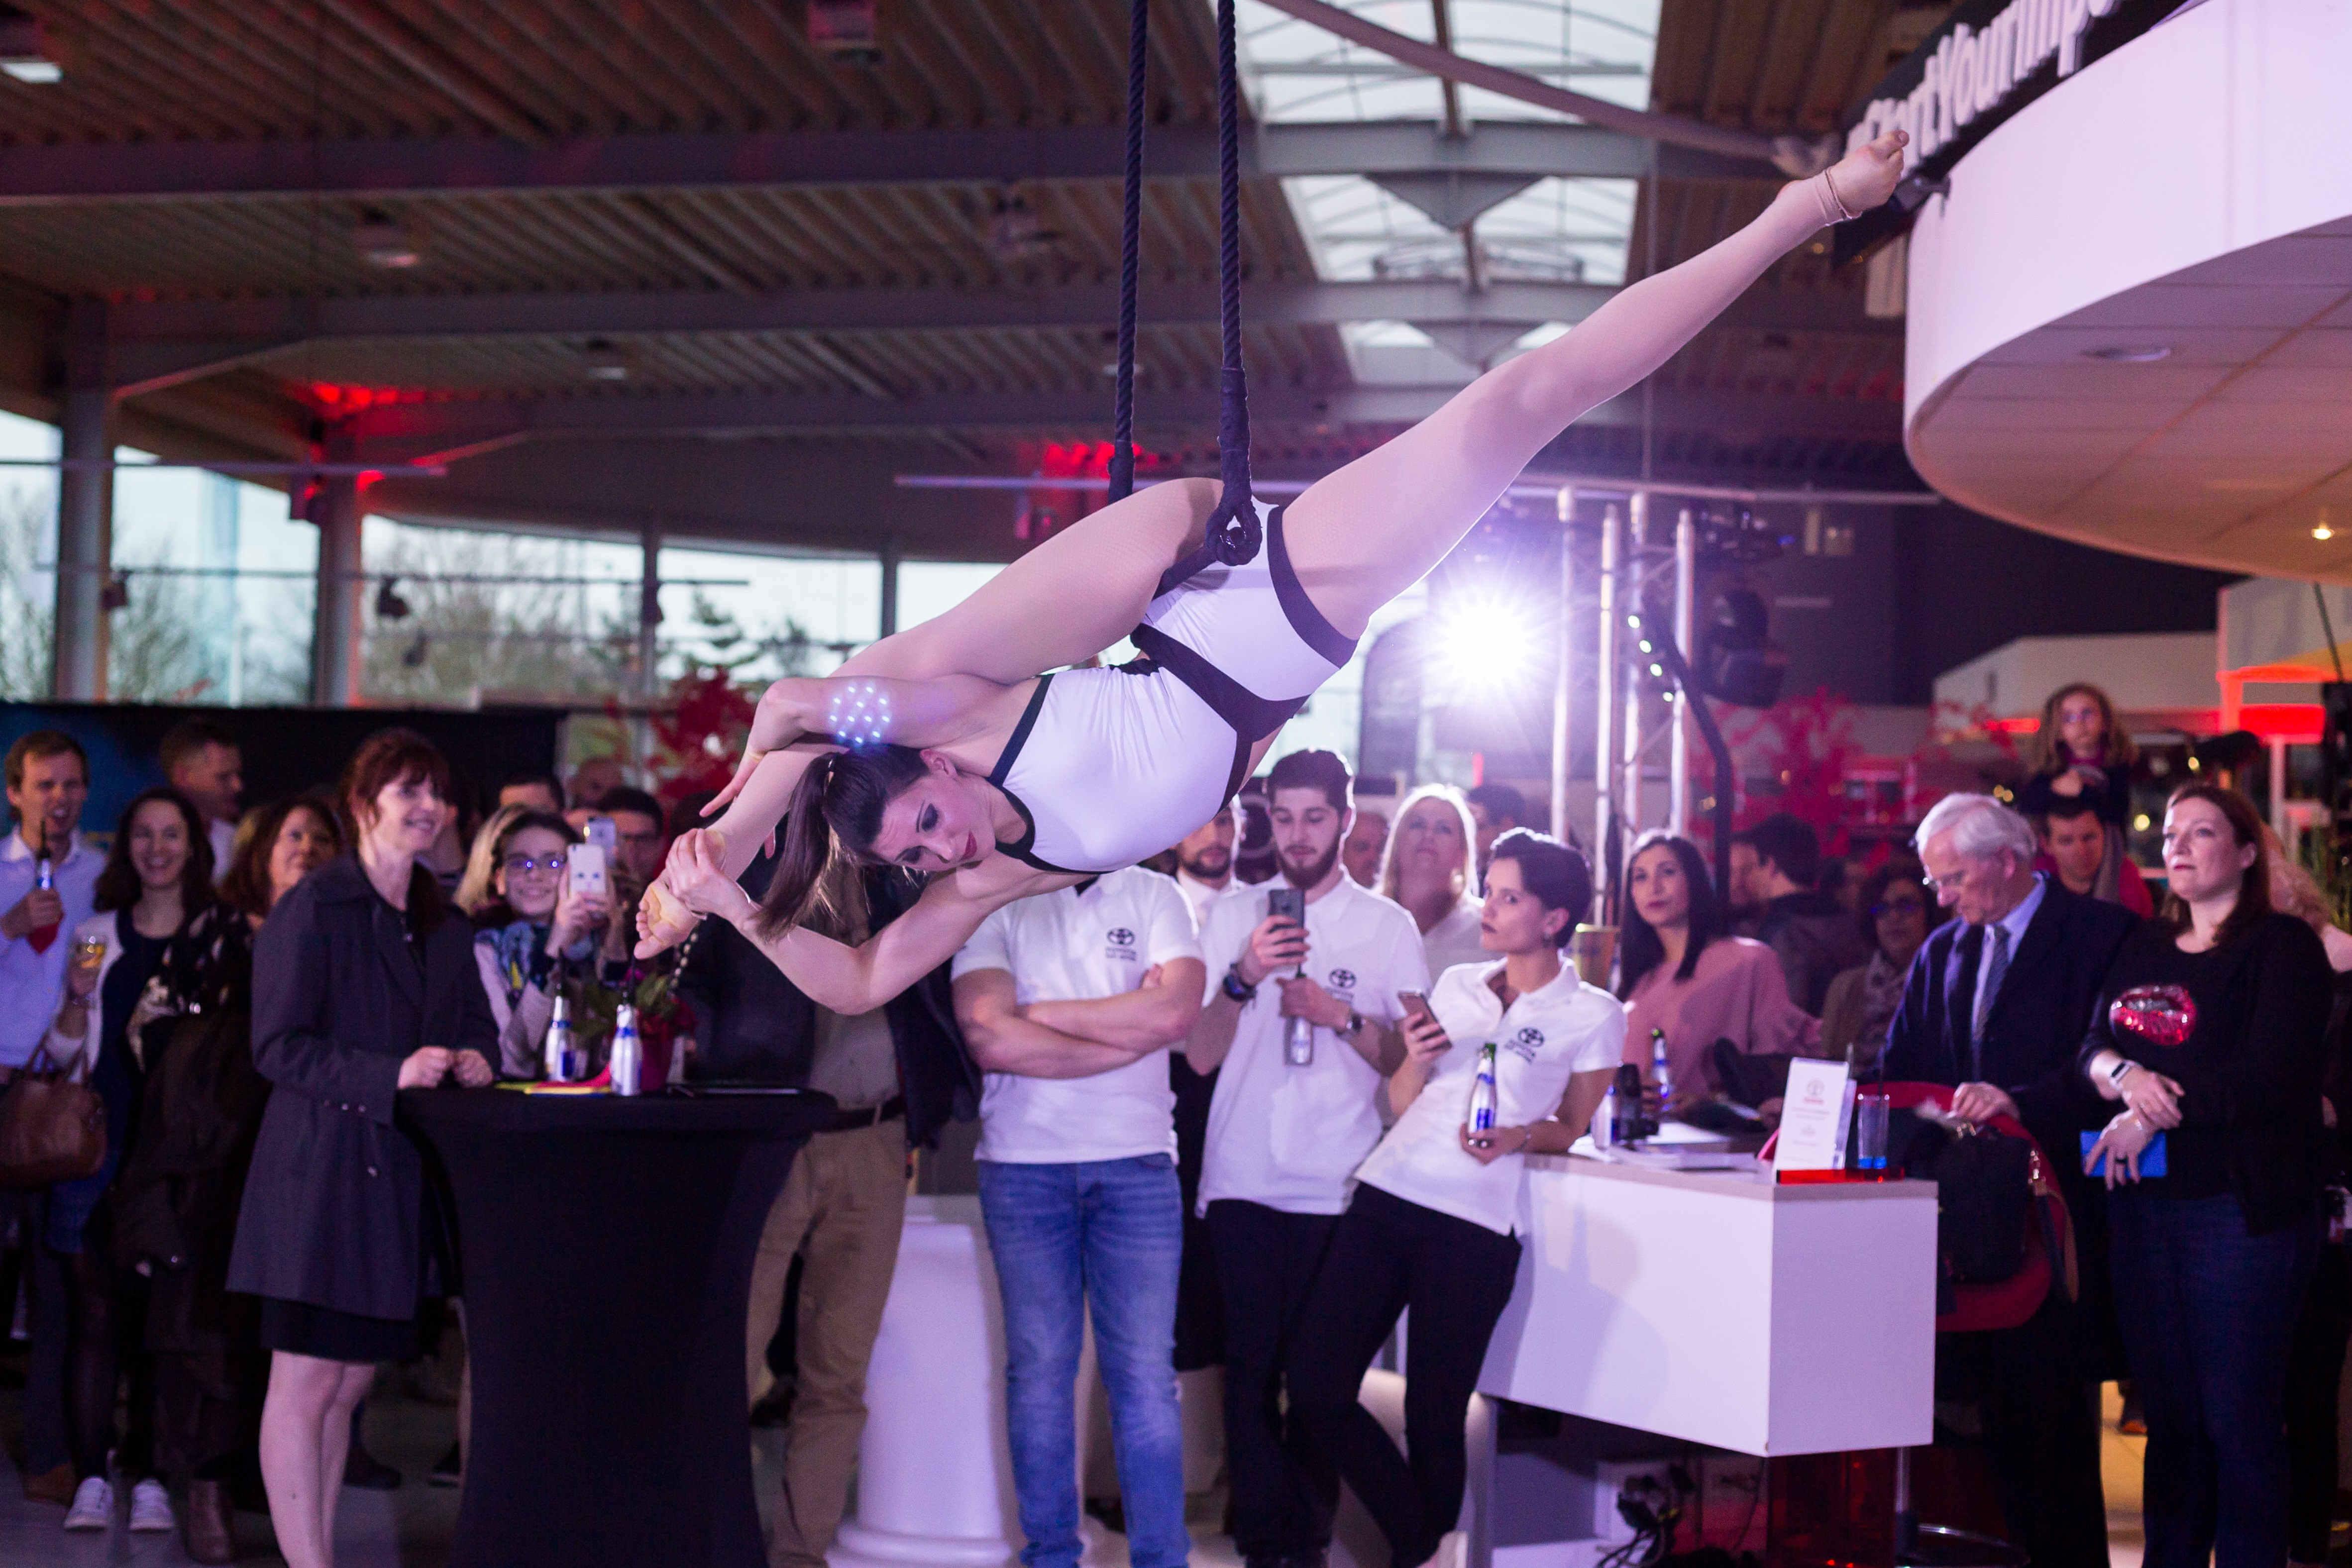 spectacle pour entreprise duo portee cirque cabaret show live